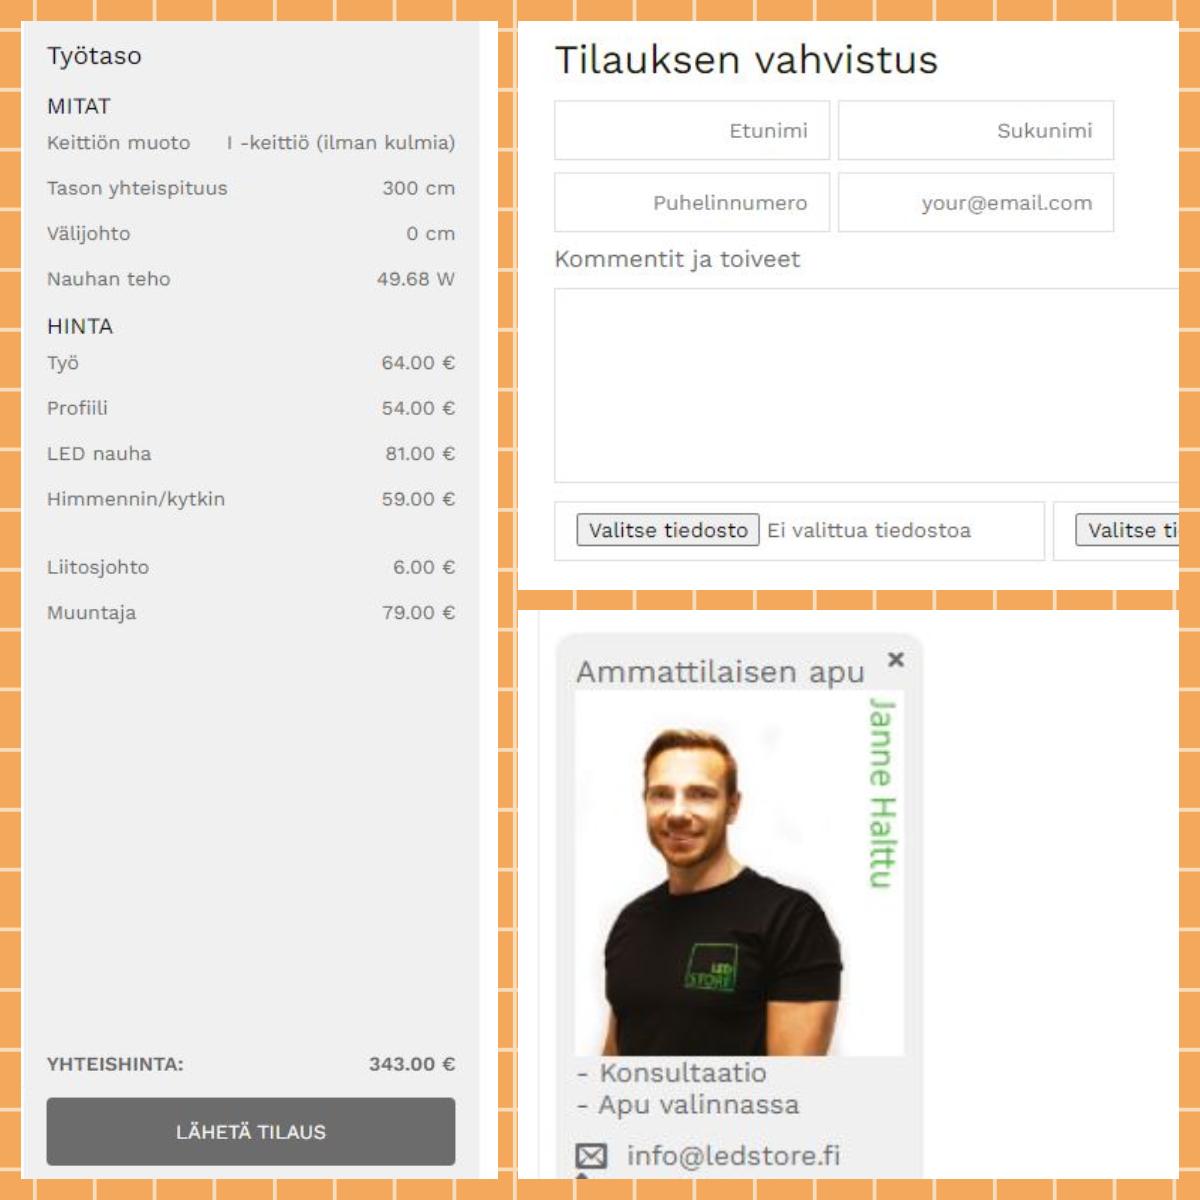 Kuva 4. Kun tuotteet on valittu, hinta näkyy heti eriteltynä kokonaishintana, kun kiskot kasataan LedStoren LedPajalla asennusvalmiiksi. Tilauksen vahvistus ei vielä veloita asiakasta, joten suunnitelman voi huoletta lähettää, jolloin se tulee itselle sähköpostiin, sekä lähtee tiedoksi myös LedStoreen, jotta jatkokeskustelut ovat mahdollisia. Kaikkiin kysymyksiin vastaavat Janne ja Marko.